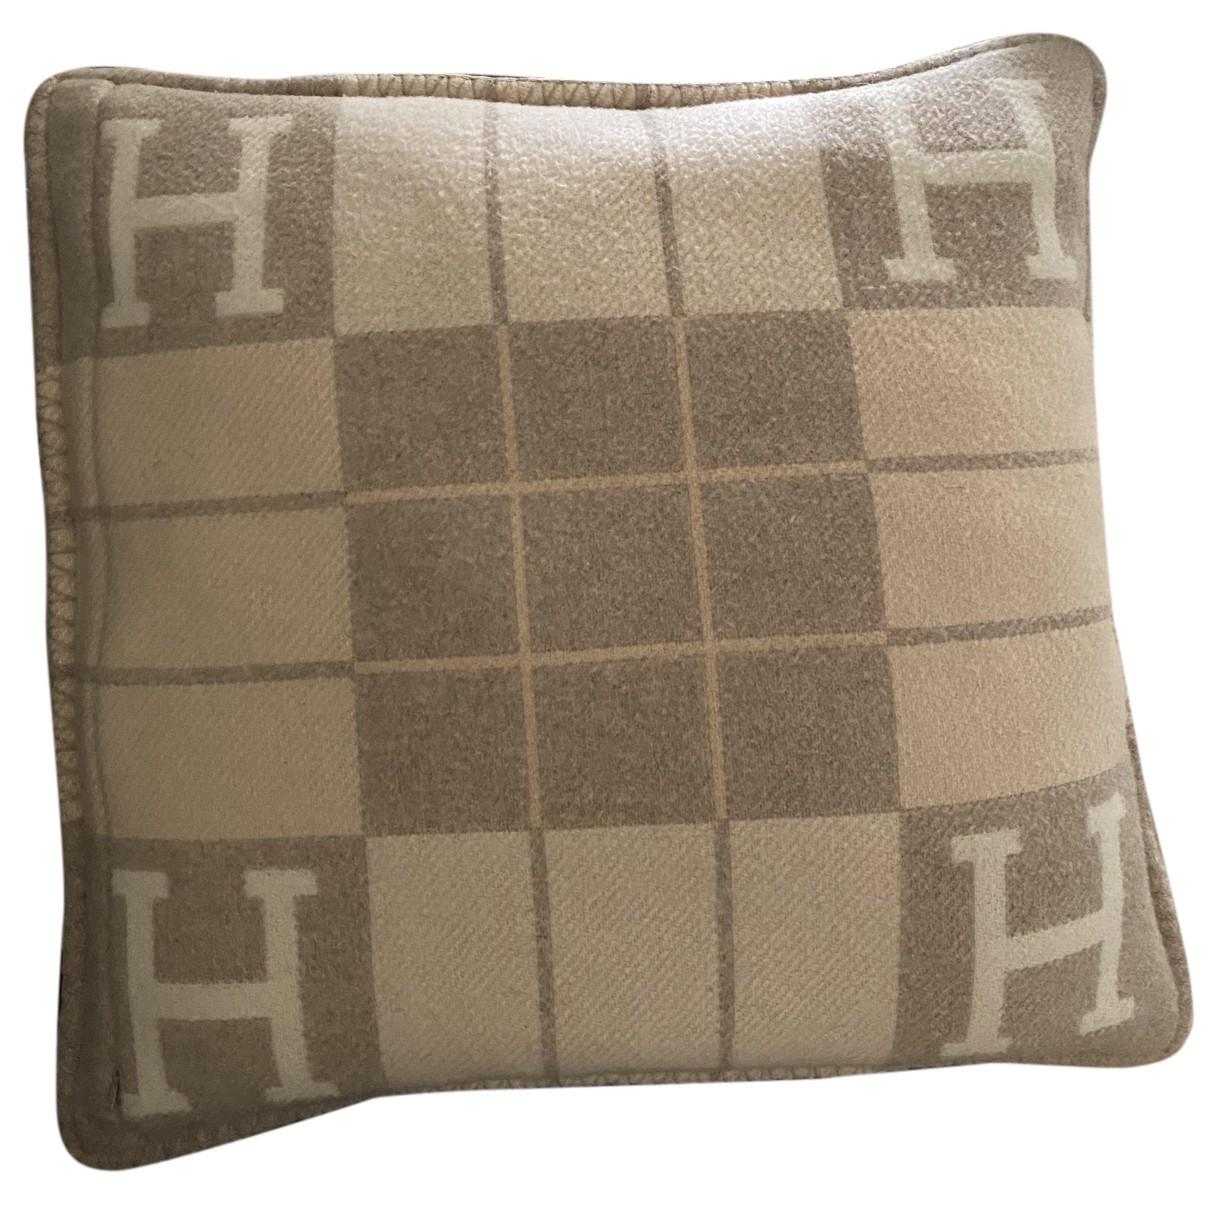 Hermes - Linge de maison Avalon pour lifestyle en cachemire - beige